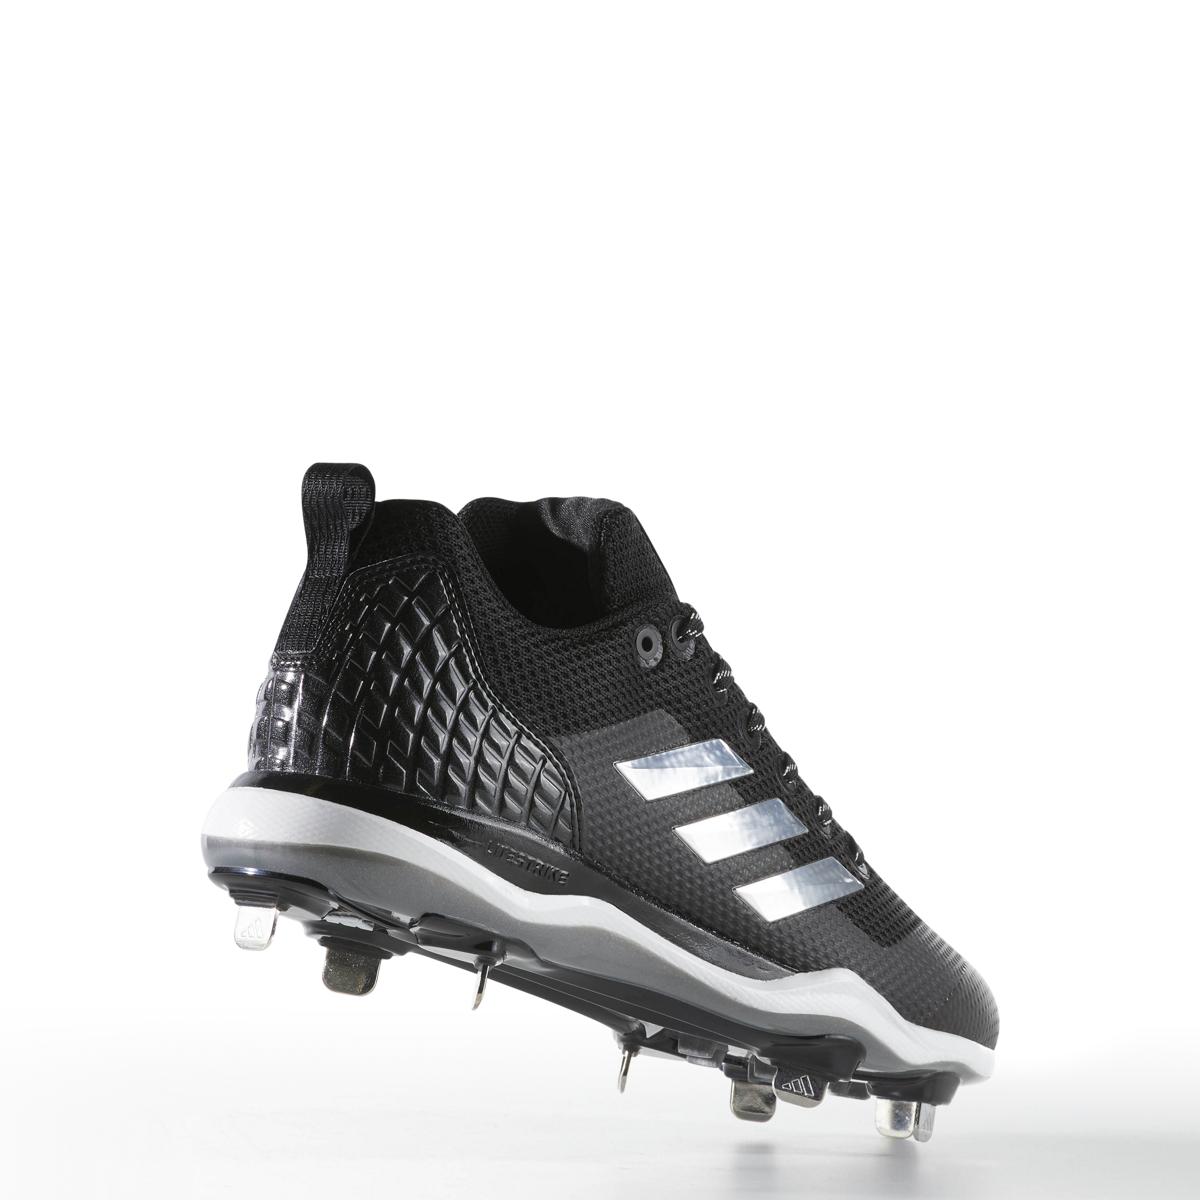 9f07ccf16 New Adidas Mens B39181 CoreBlack